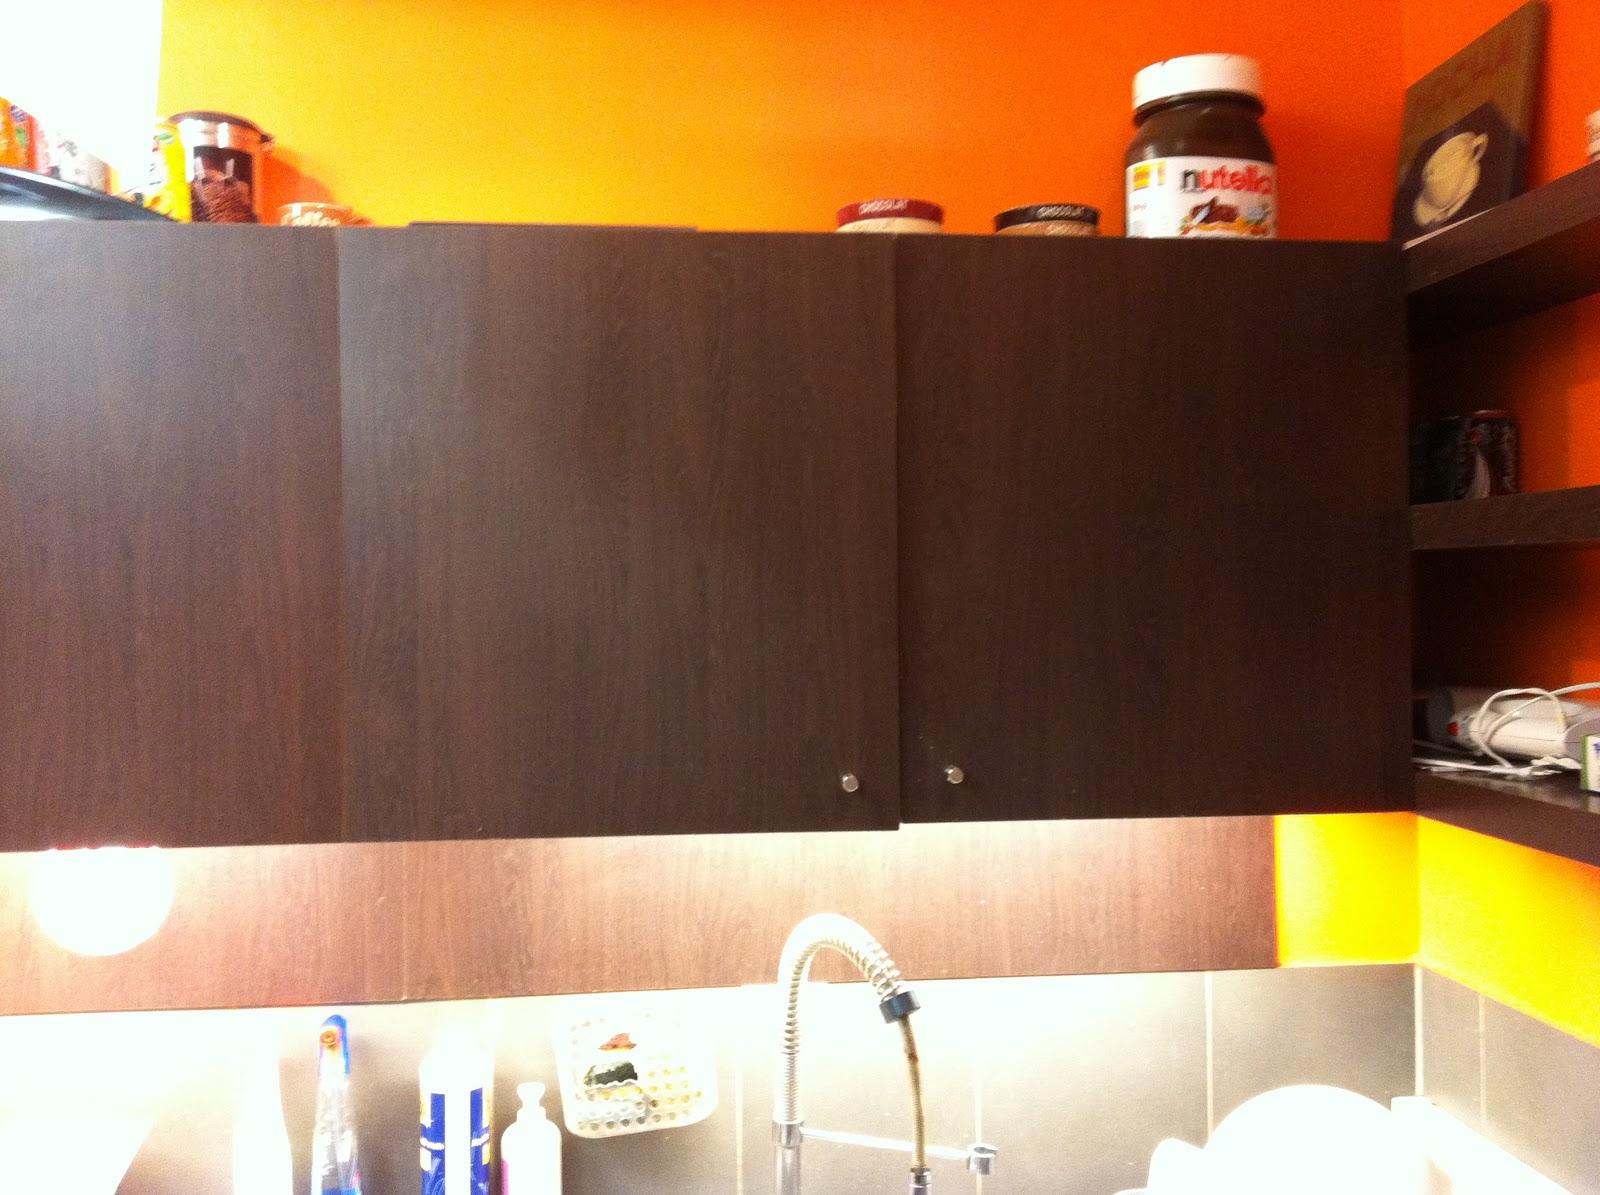 2 meubles haut de cuisine weng vente de mat riel de restauration professionel. Black Bedroom Furniture Sets. Home Design Ideas